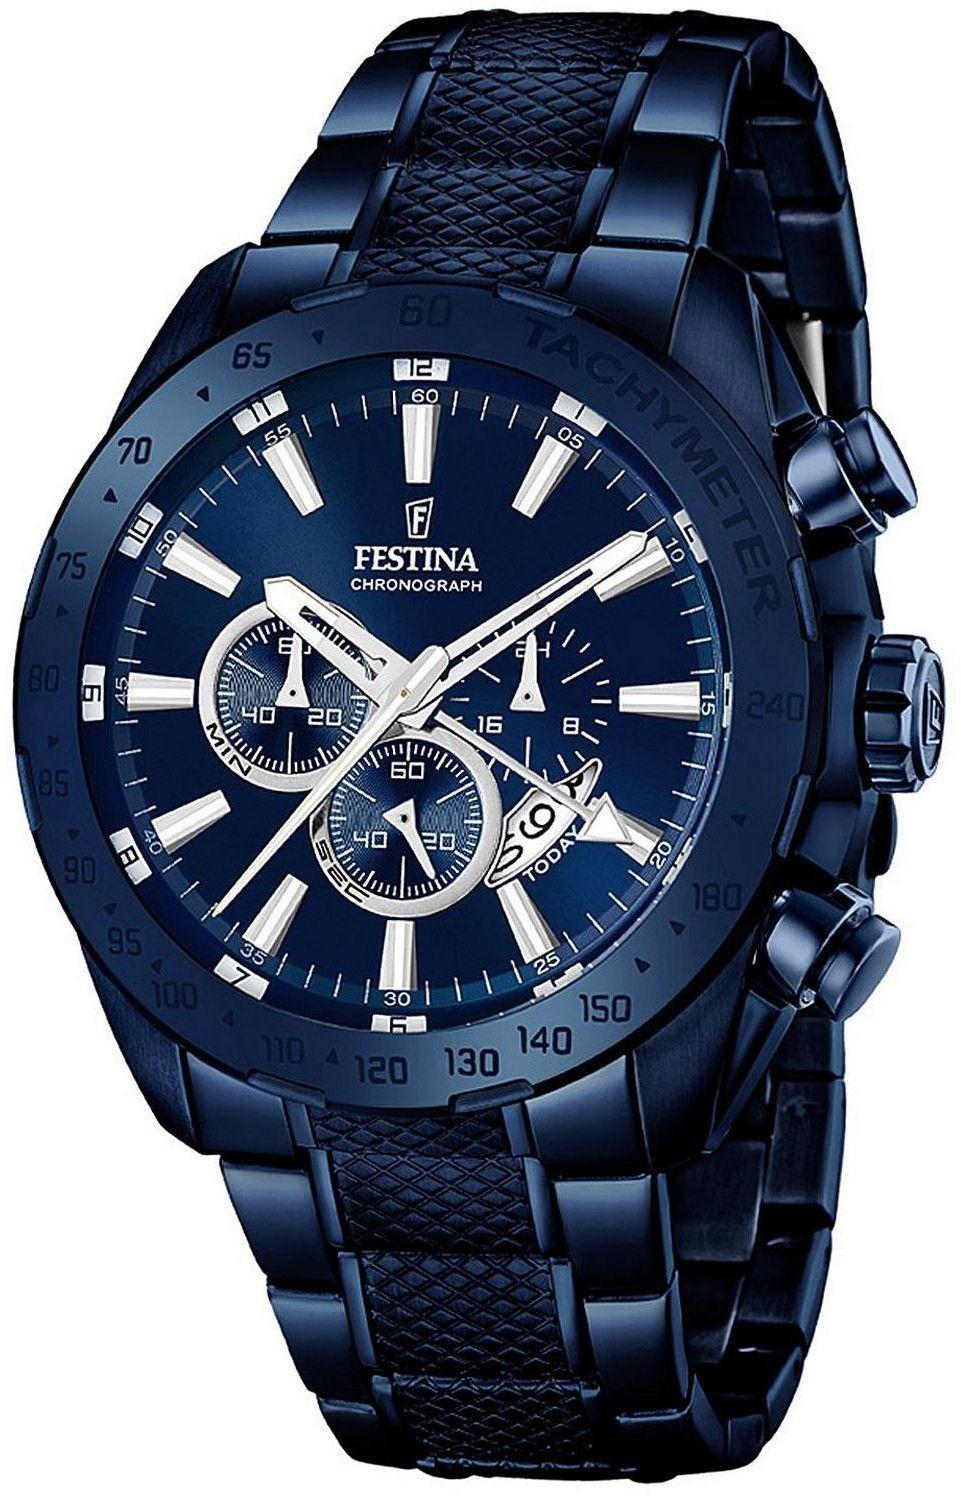 Zegarek Festina F16887-1 Prestige Chronograph - CENA DO NEGOCJACJI - DOSTAWA DHL GRATIS, KUPUJ BEZ RYZYKA - 100 dni na zwrot, możliwość wygrawerowania dowolnego tekstu.